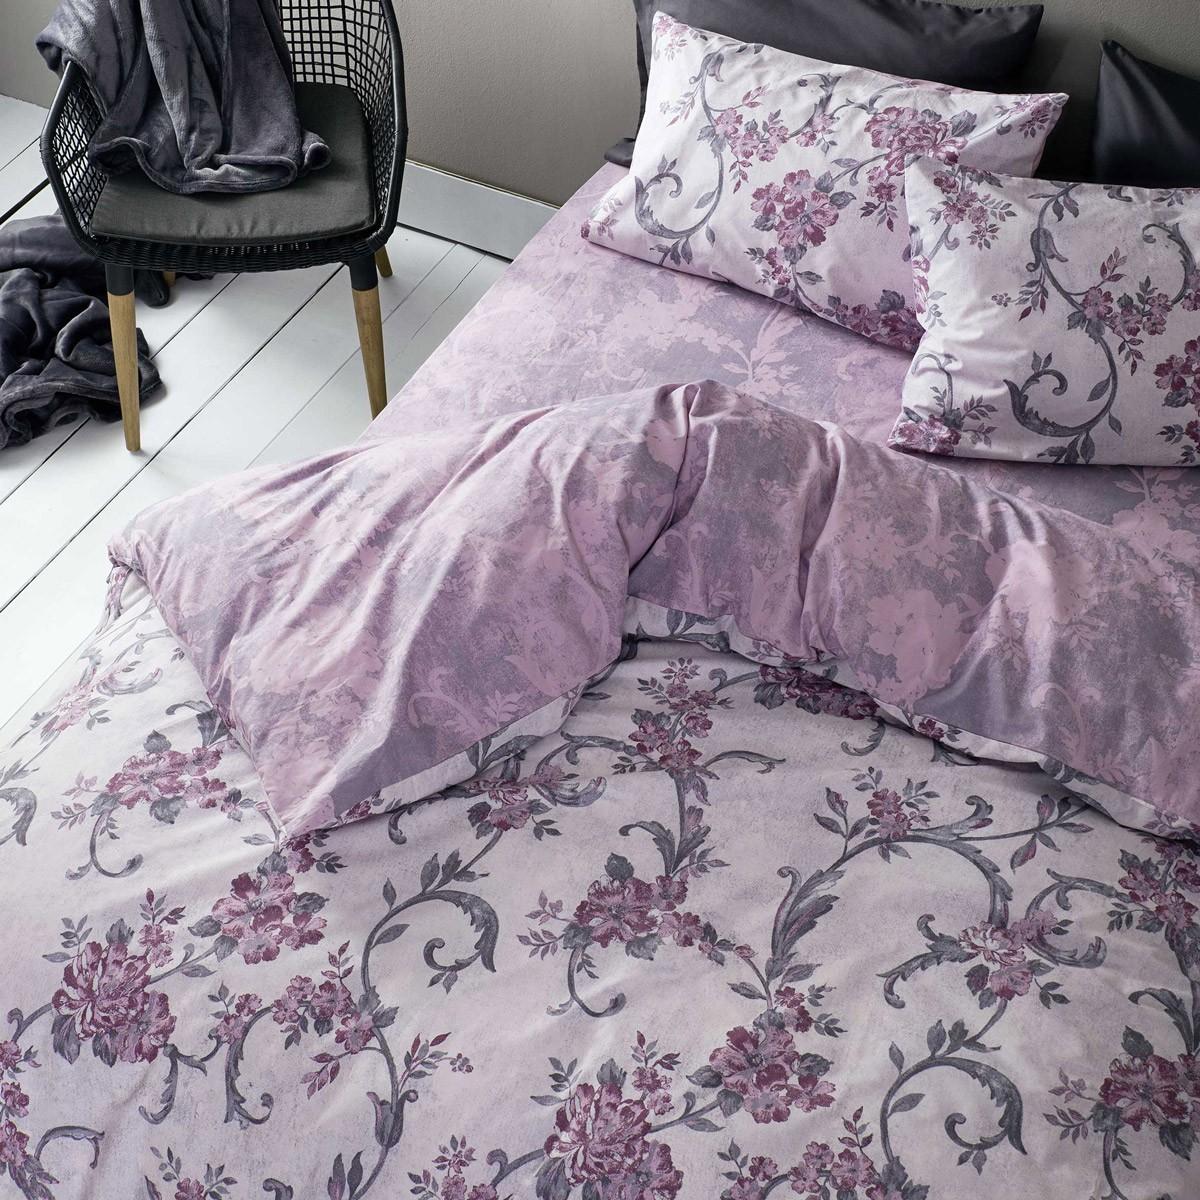 Σεντόνια Υπέρδιπλα (Σετ) Nima Bed Linen Segovia Purple